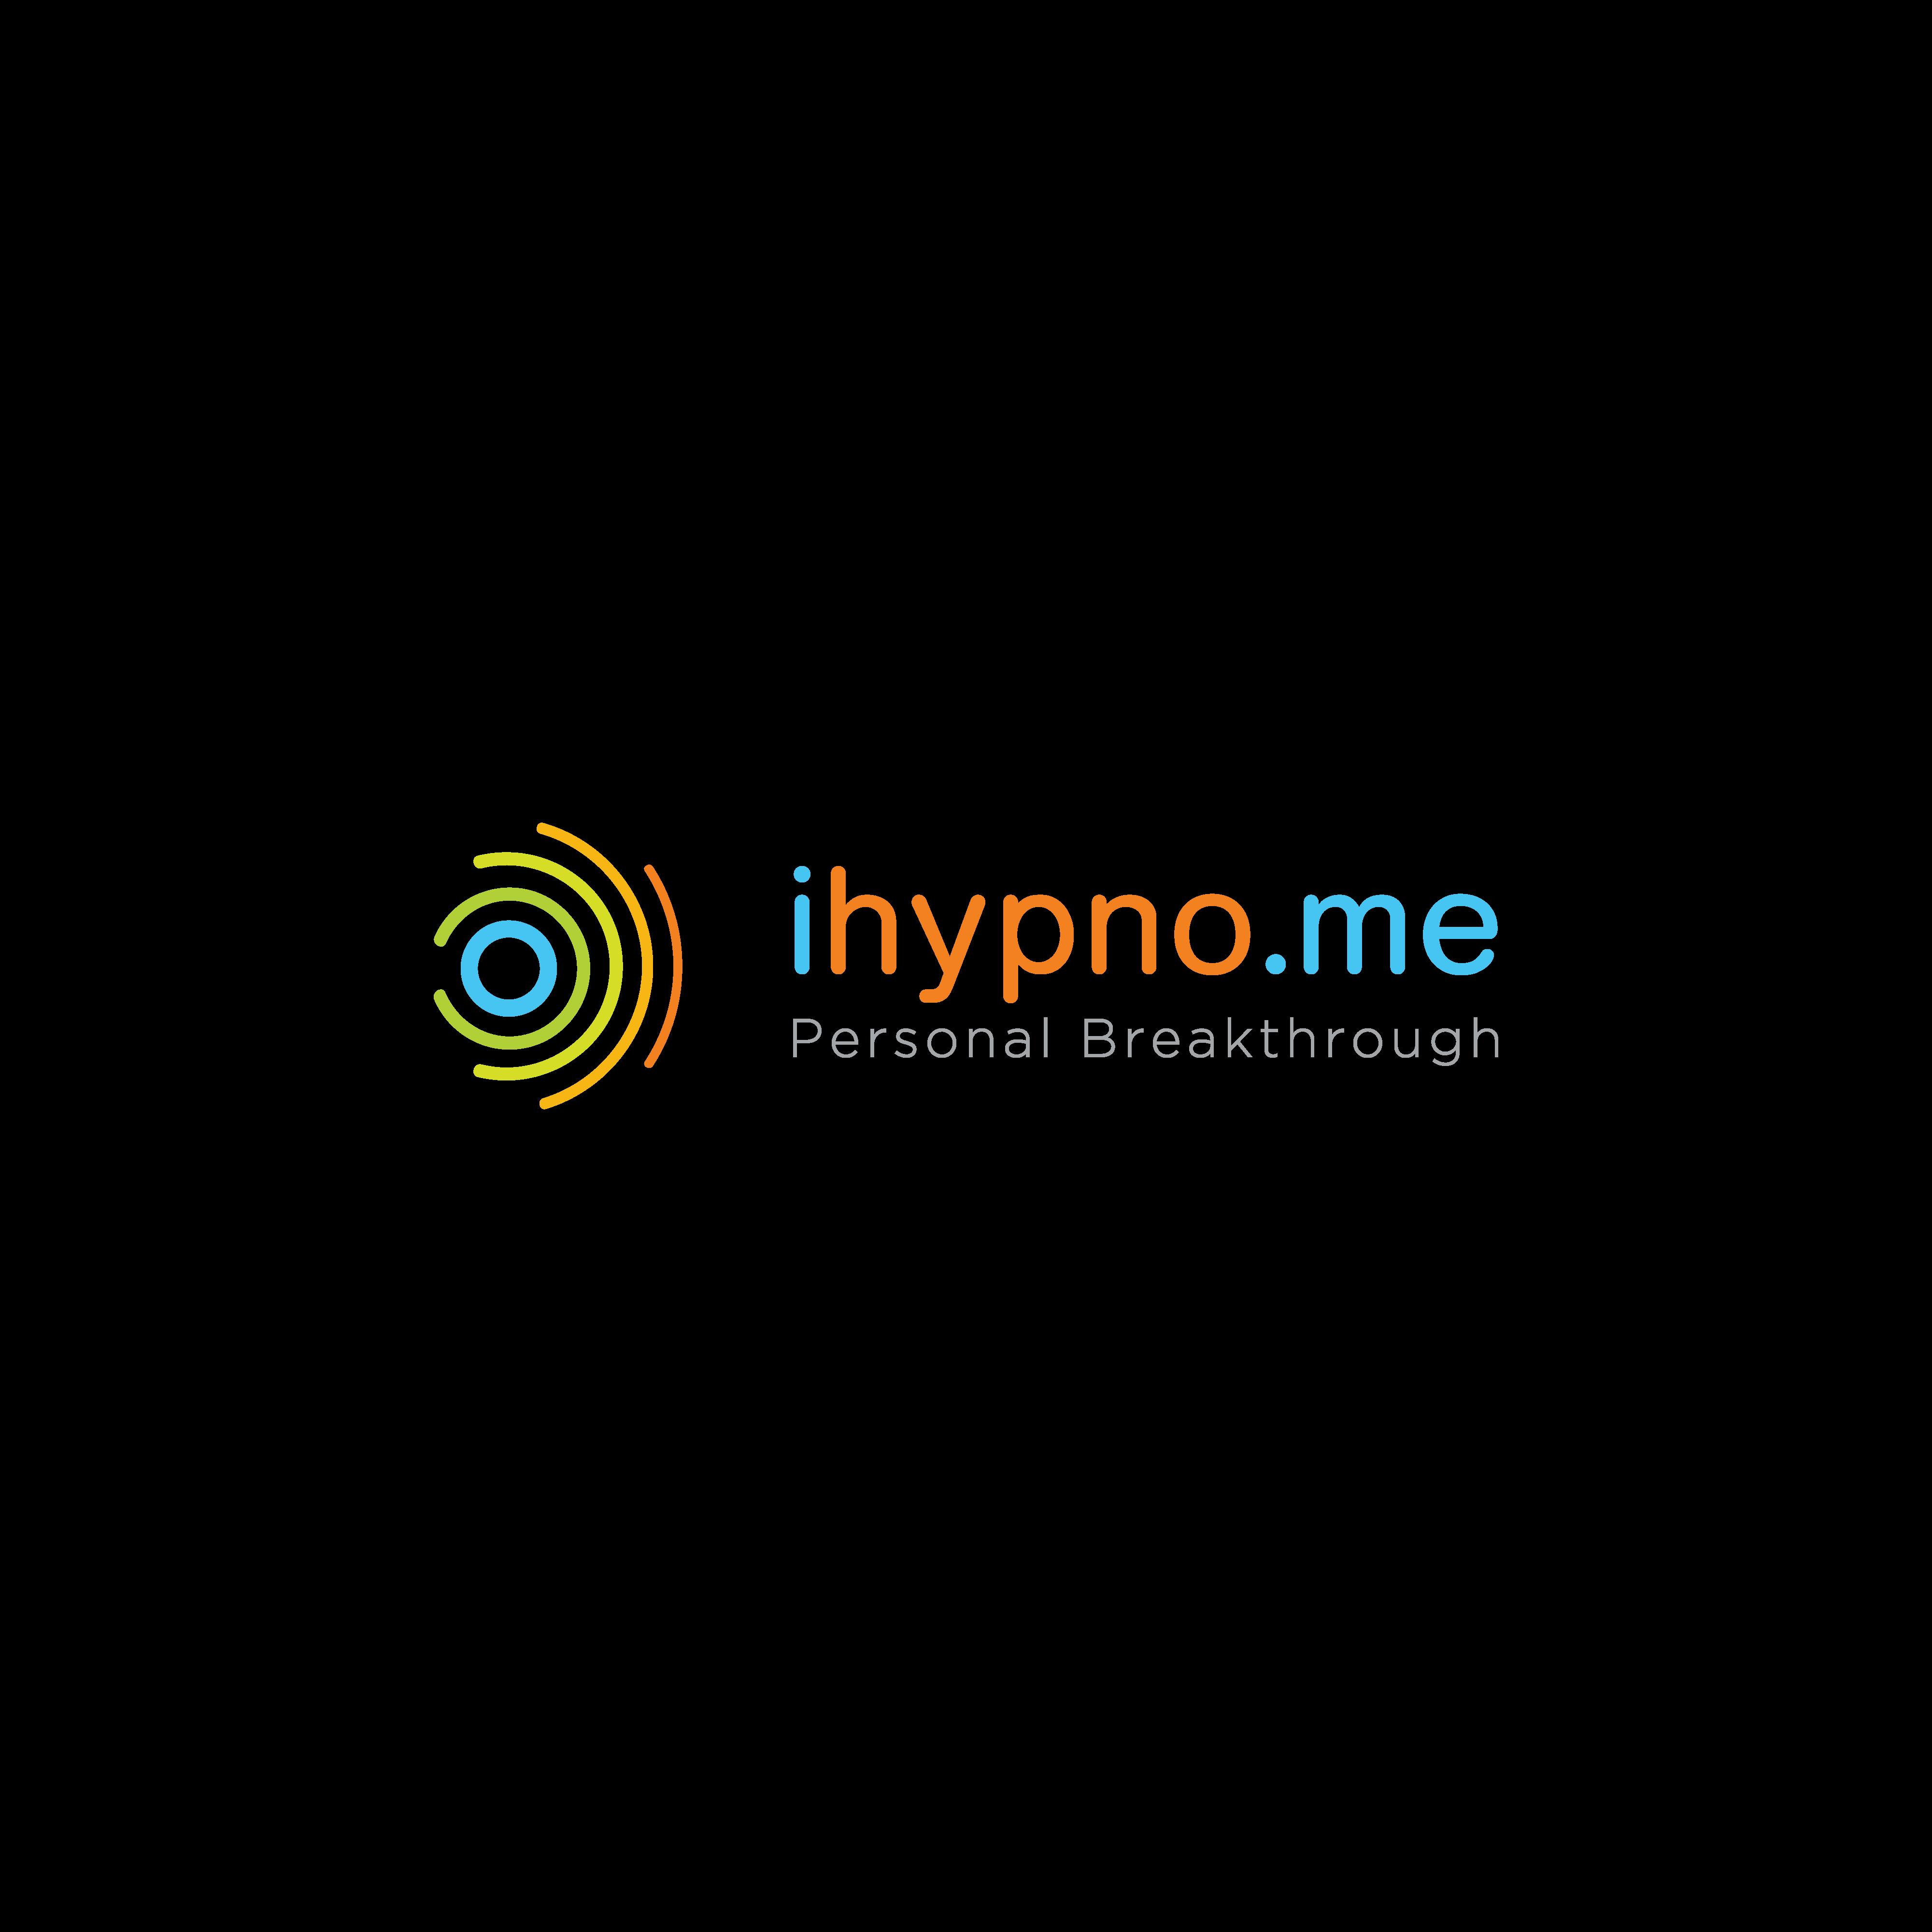 ihypno.com logo and social media package